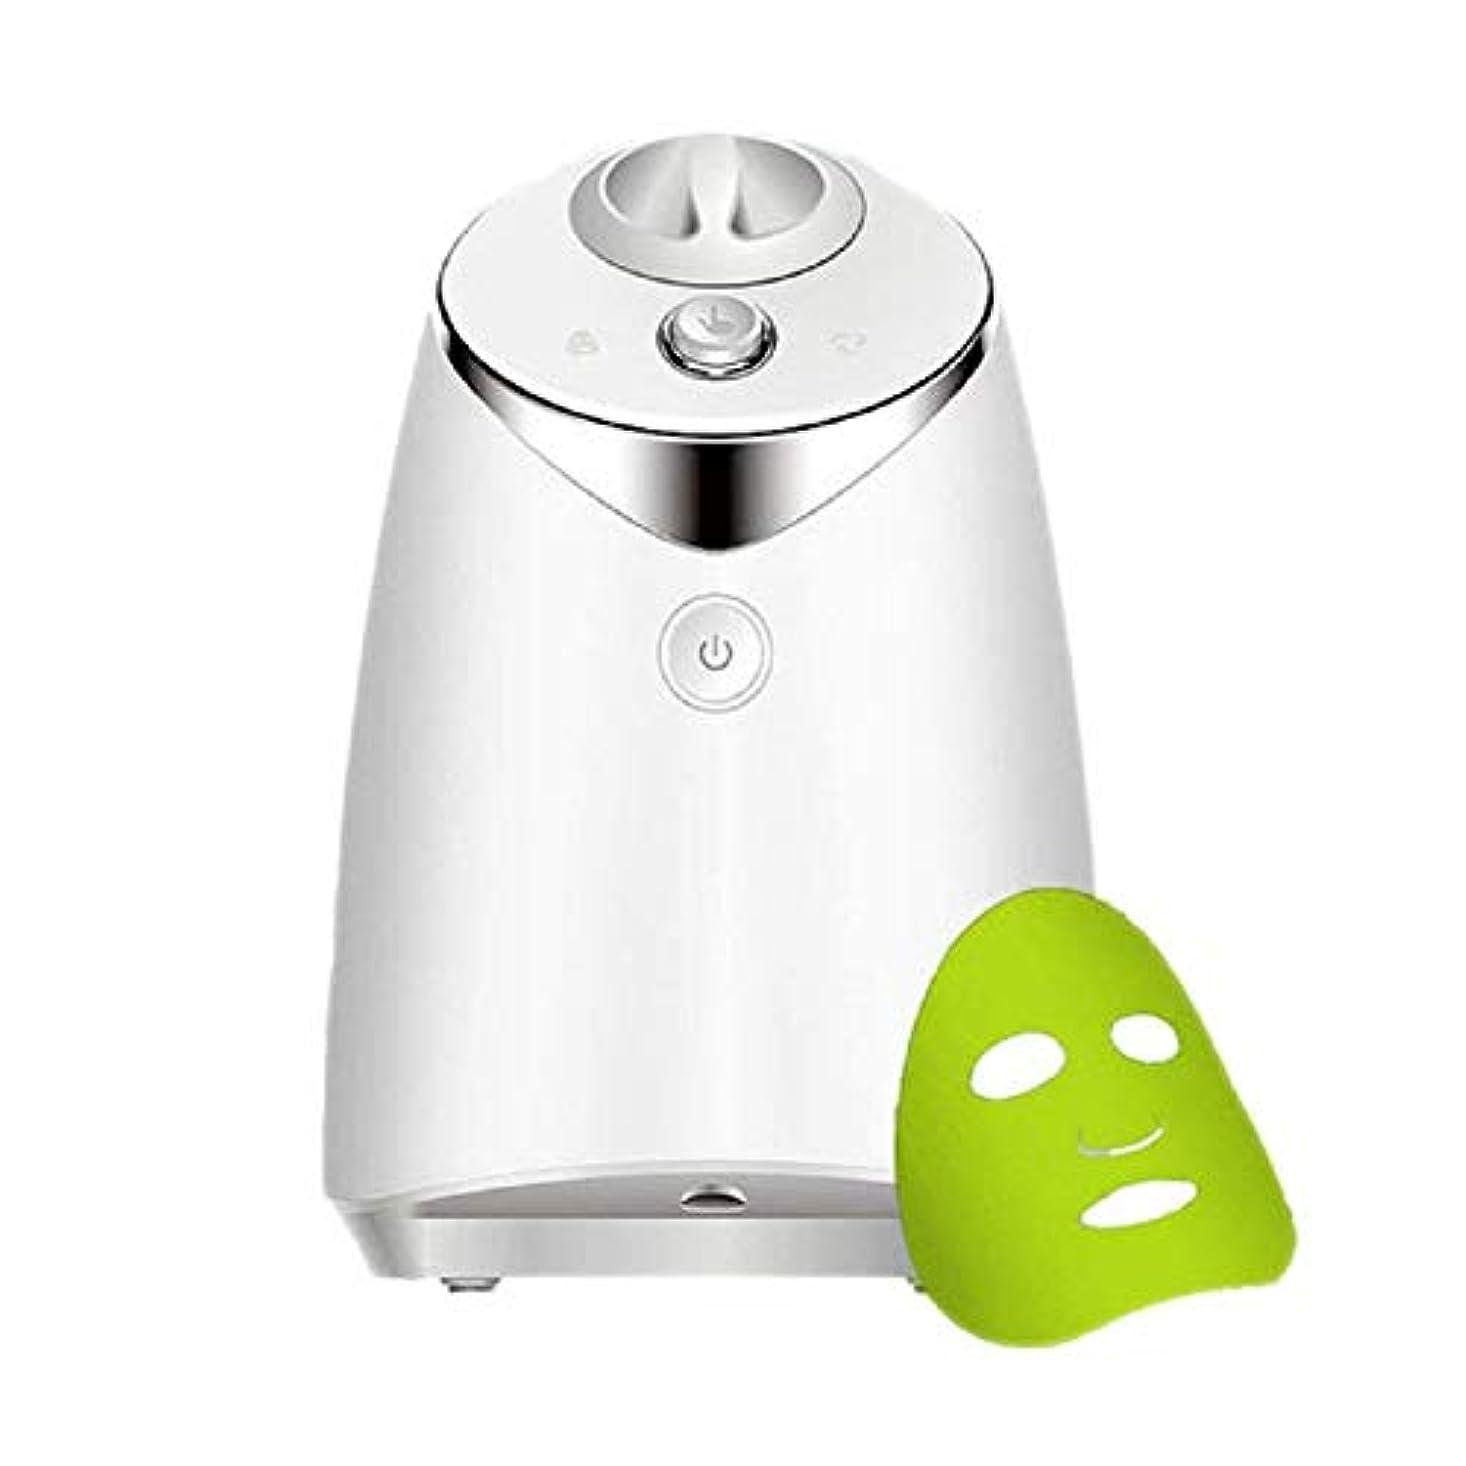 二週間真実病気だと思うフルーツと野菜マスク製造機、フェイススチーマー100%ナチュラル自家製自動美容器/インテリジェントな音声プロンプトワンボタンクリーニング